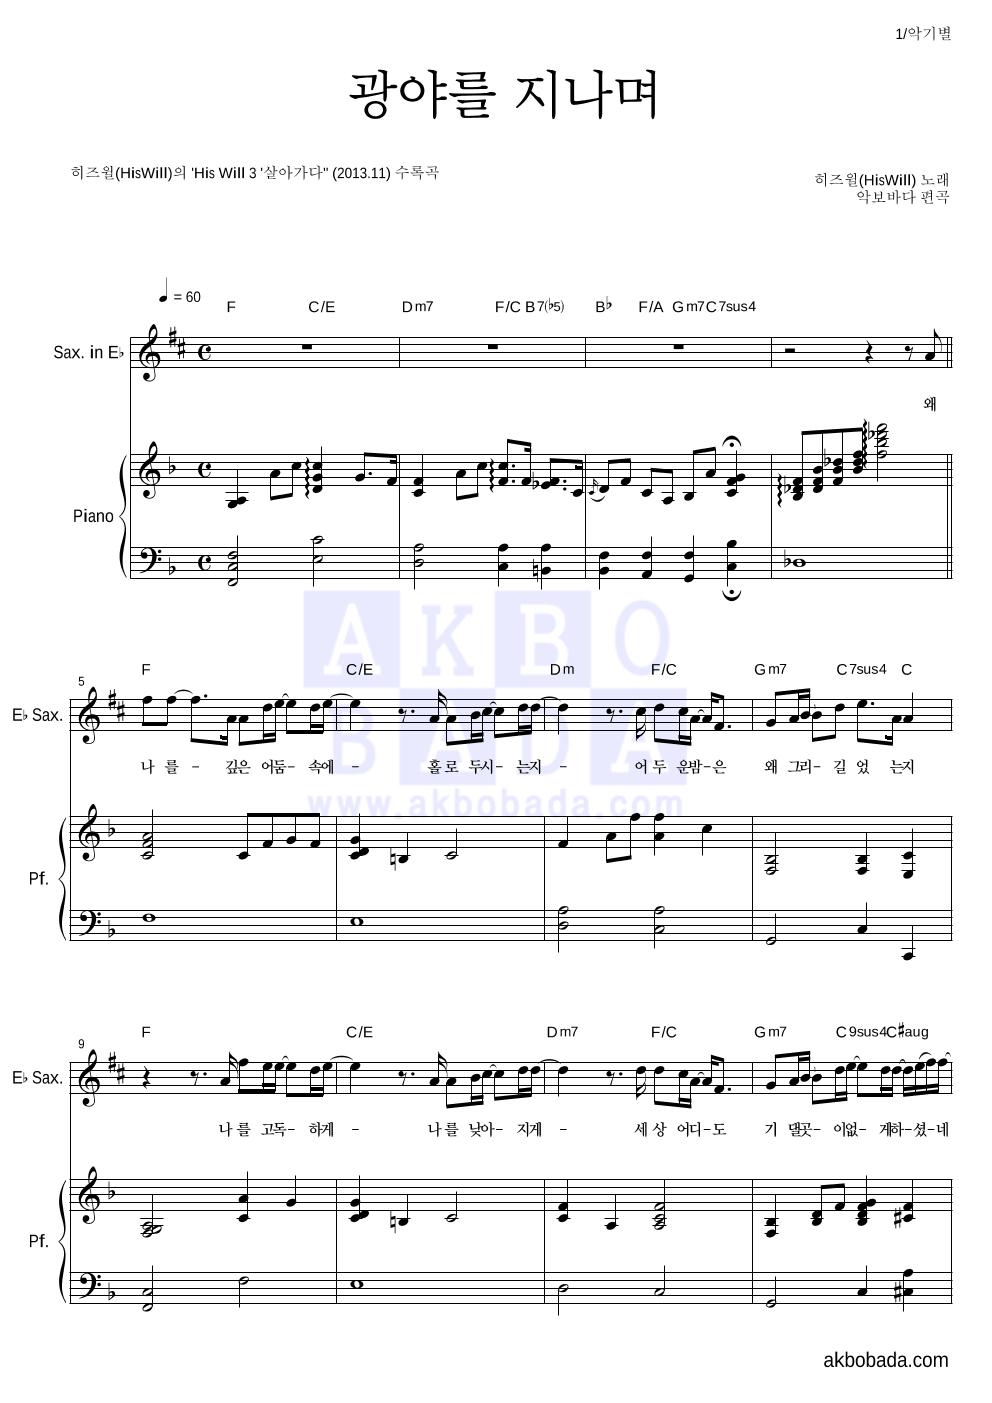 히즈윌 - 광야를 지나며 Eb색소폰&피아노 악보